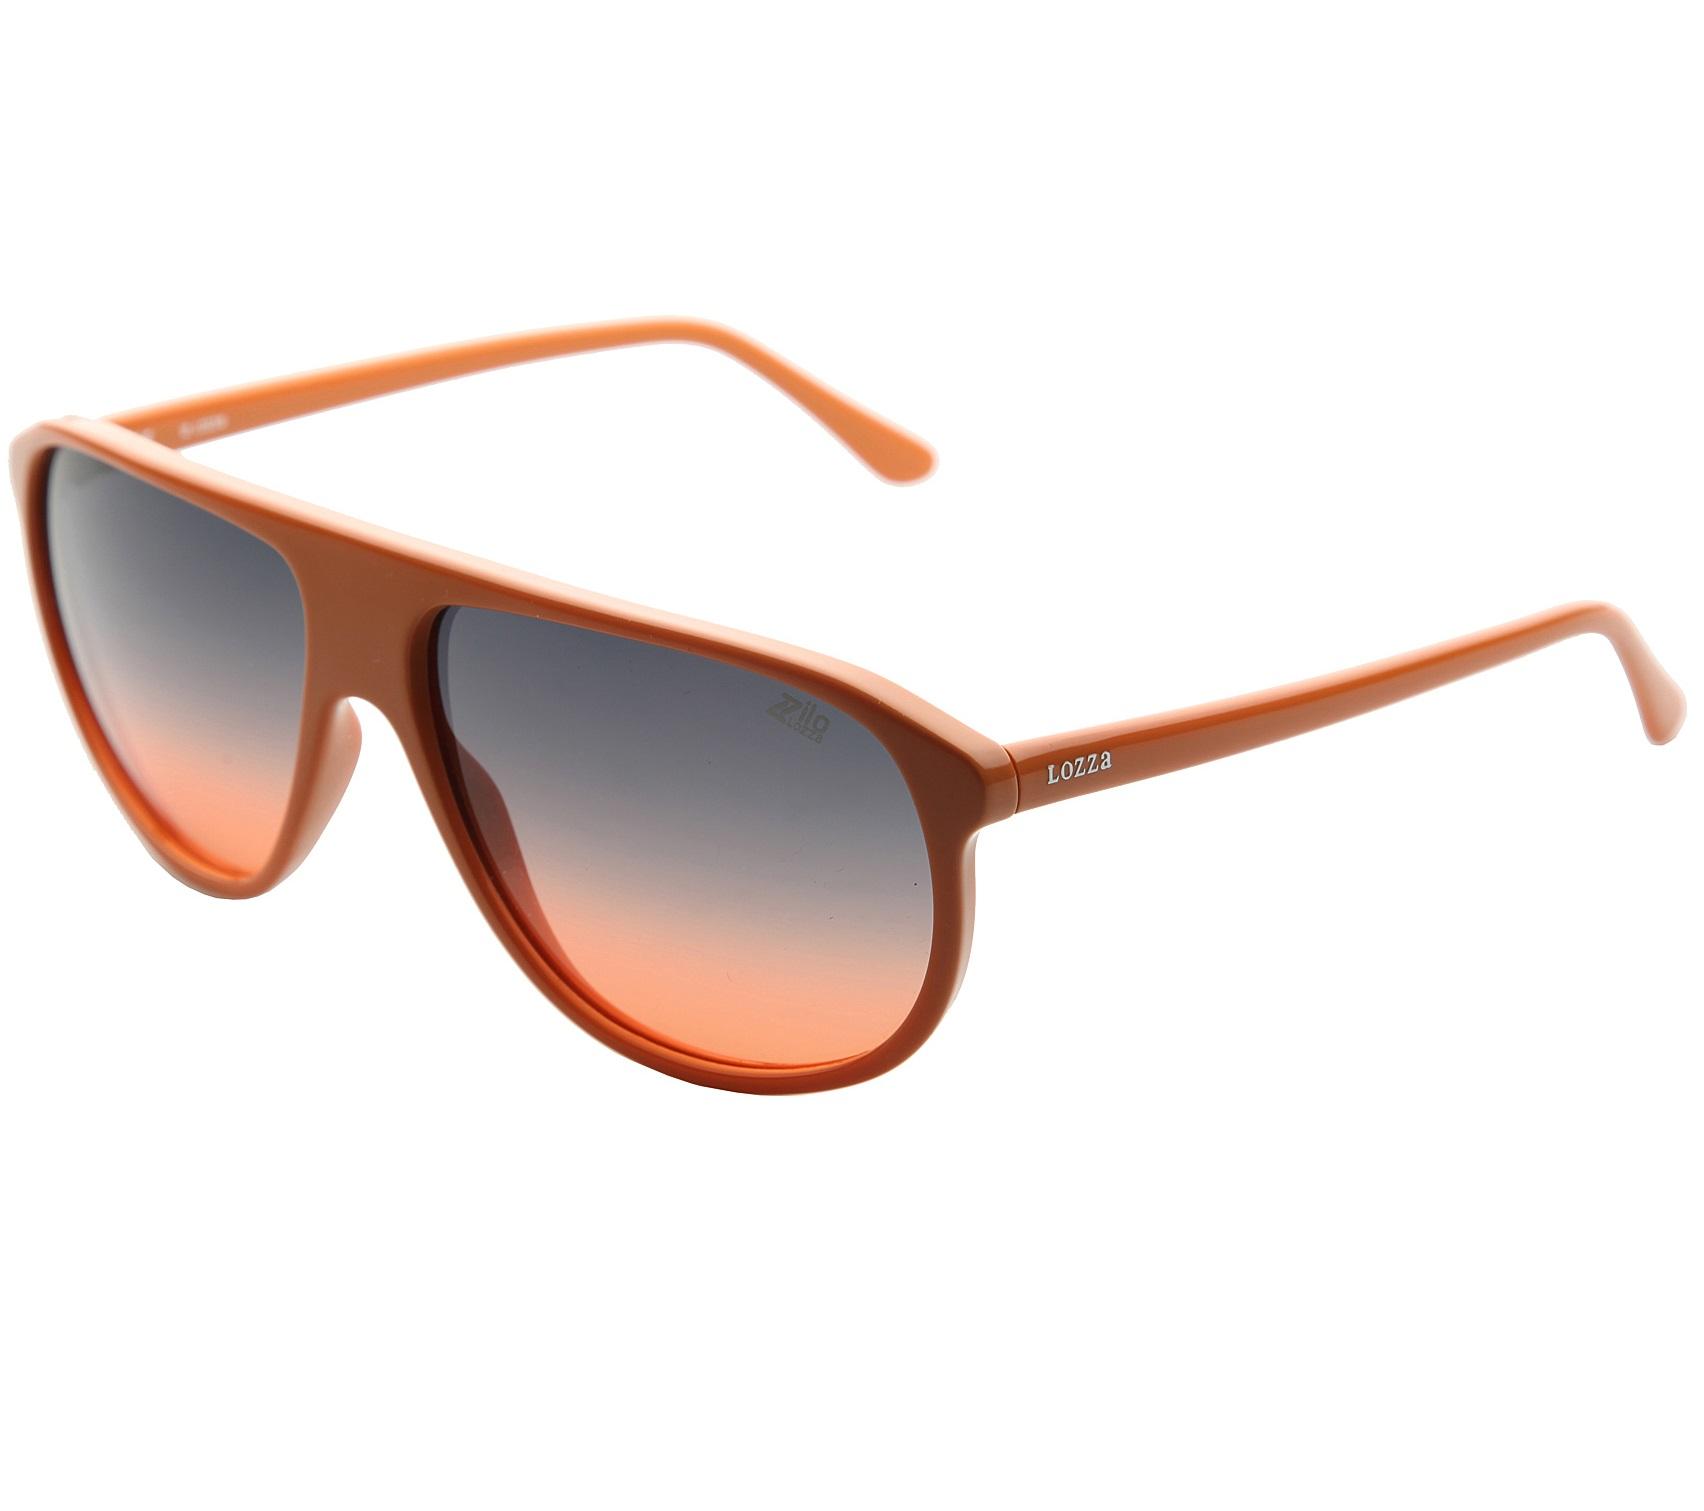 Sunglasses Lozza SL1881 5906A2 Rf600298